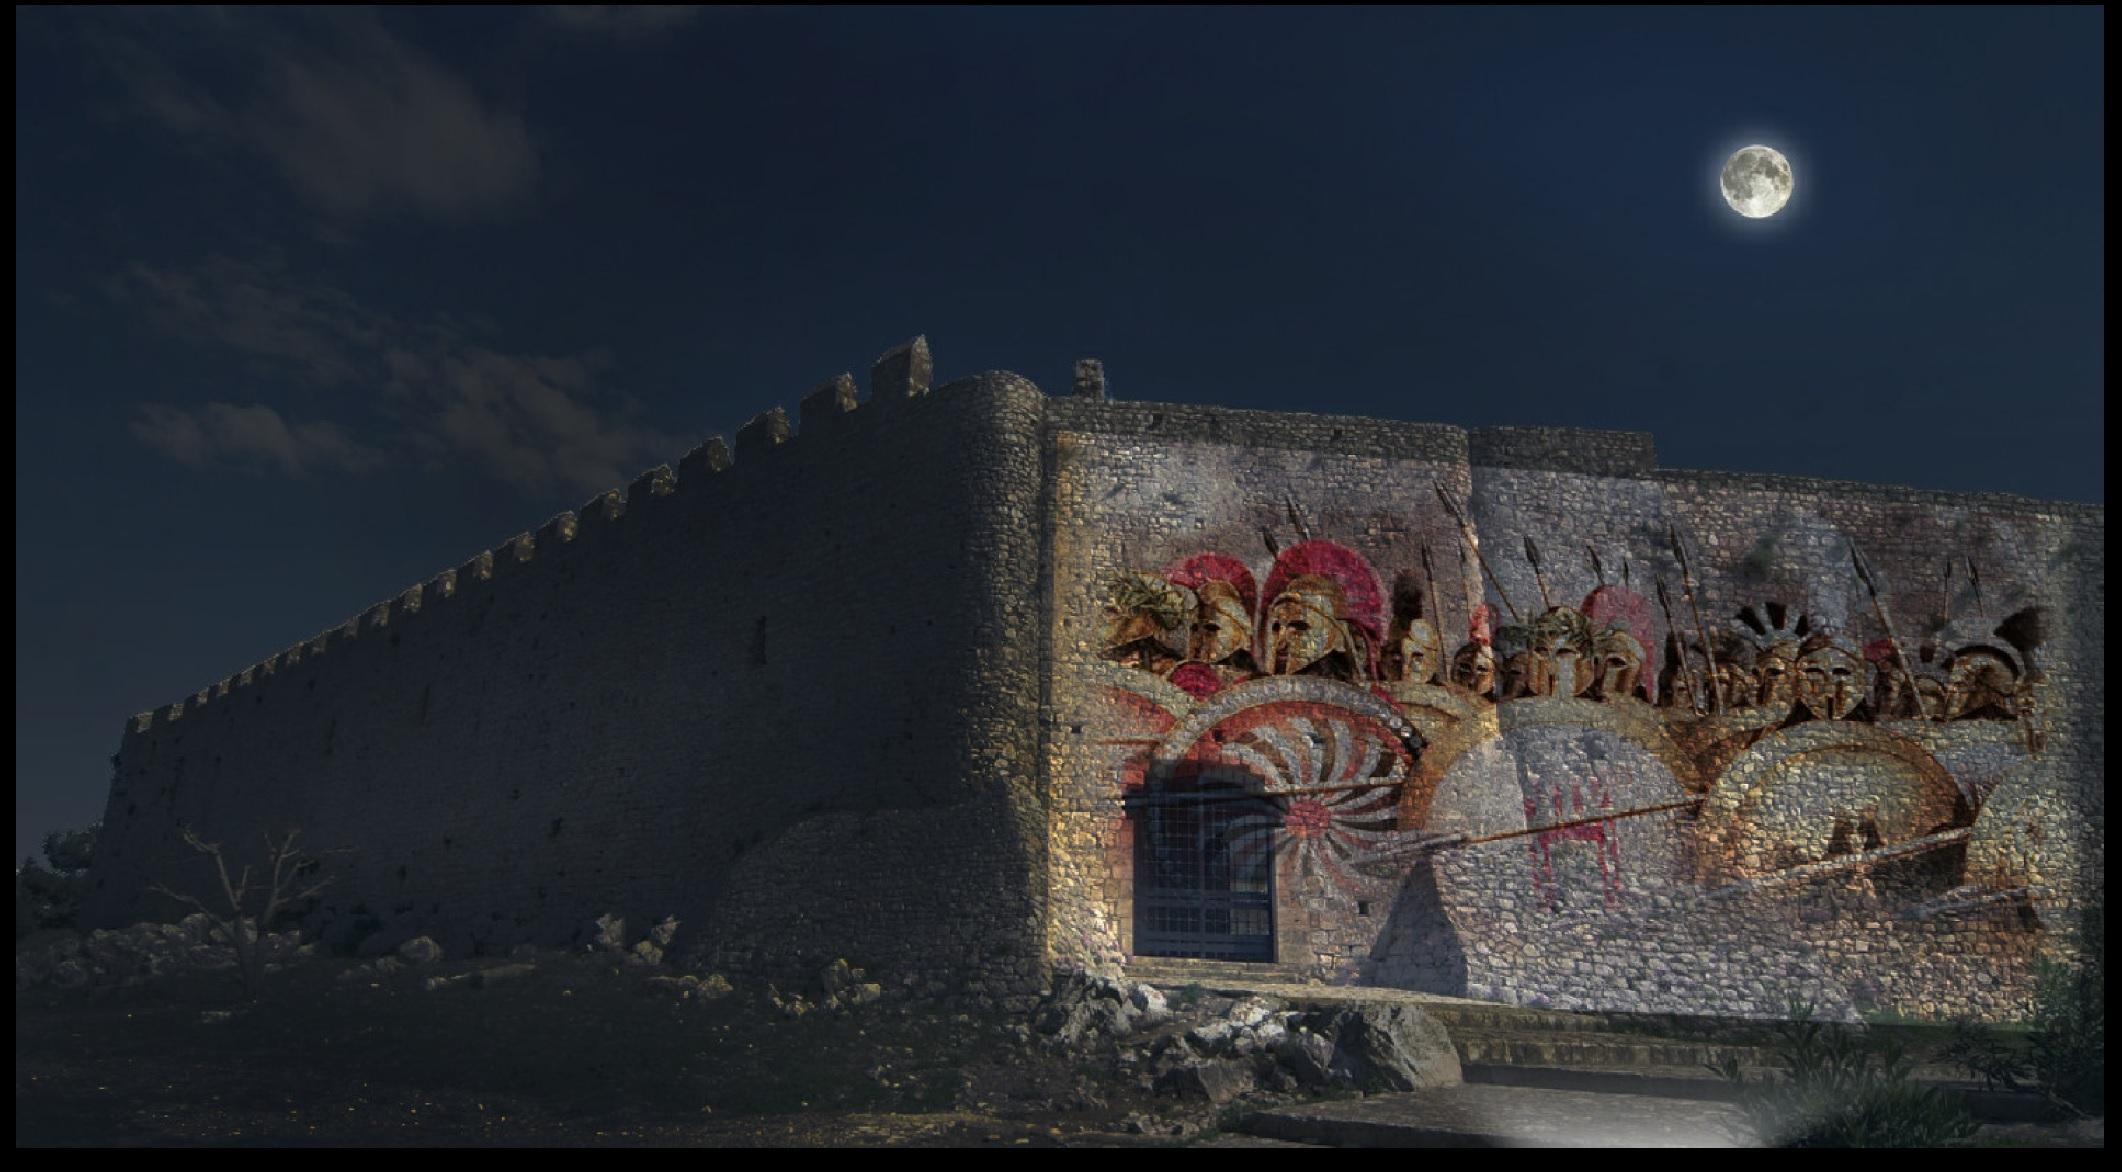 Χρηματοδότηση από το INTERREG για τον Δήμο Ανδραβίδας Κυλλήνης: 400 χιλιάδες ευρώ για αξιοποίηση, παρουσίαση και ανάδειξη για το Κάστρο Χλεμούτσι